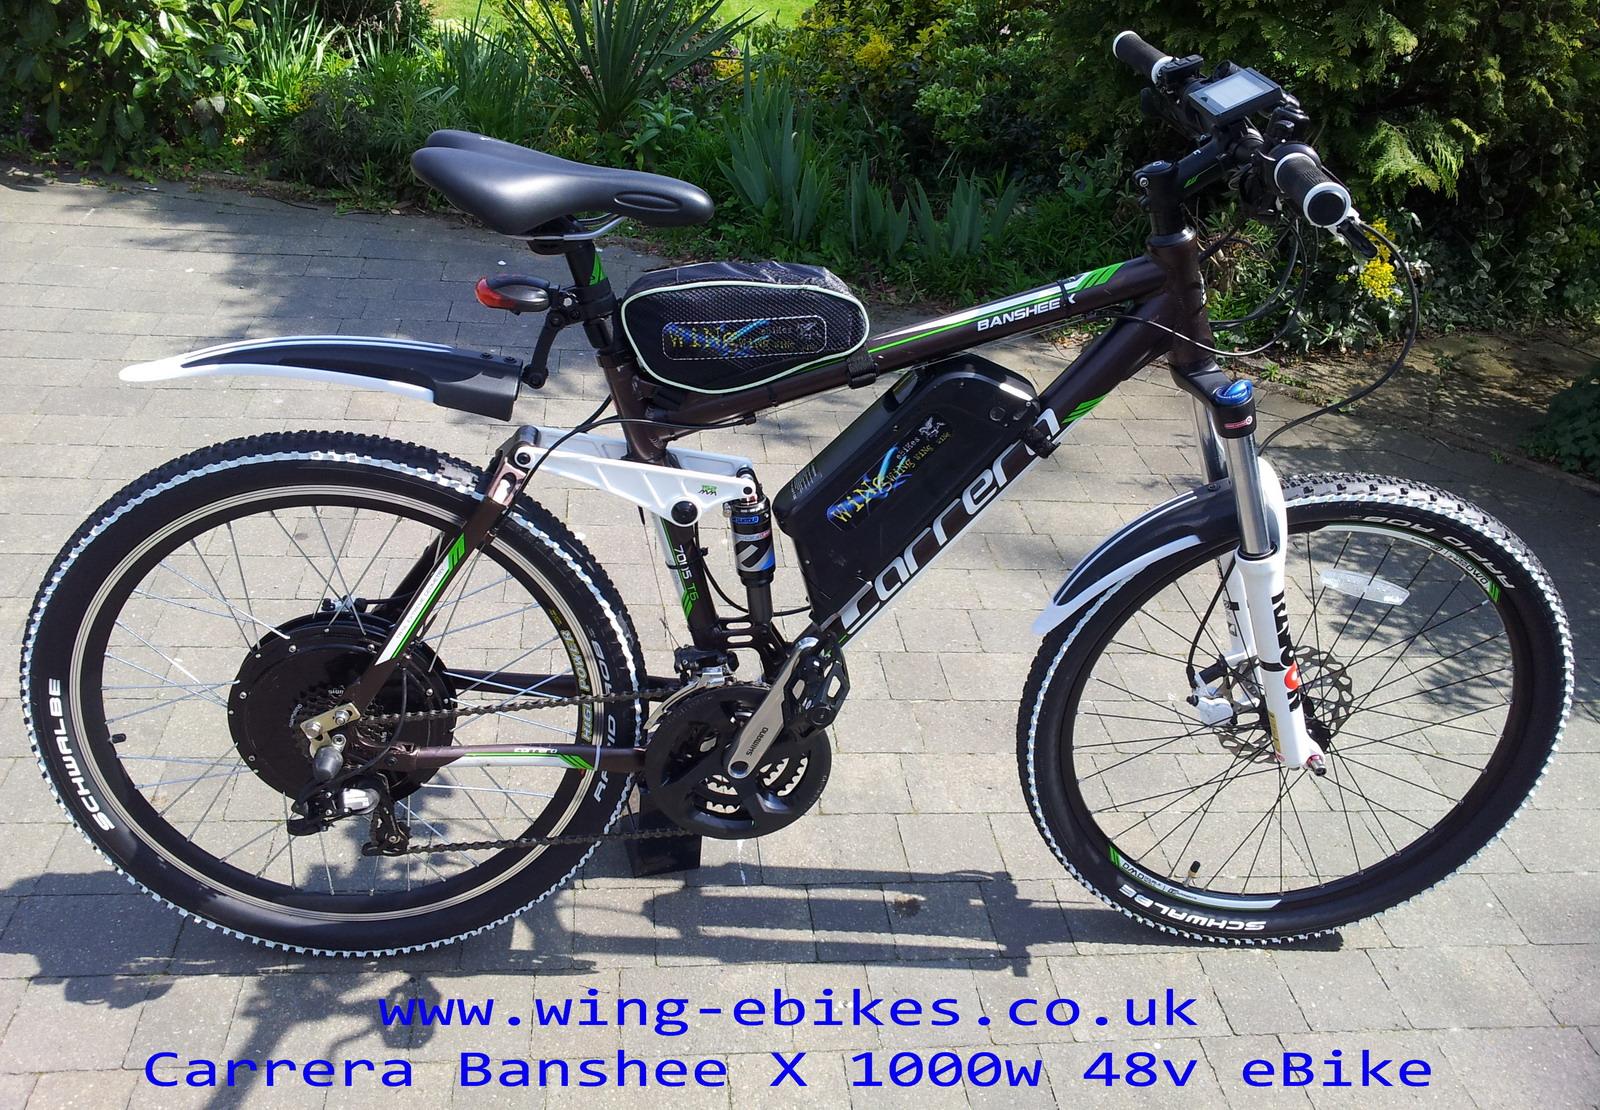 www wing-ebikes co uk Carrera Banshee X Electric bike 1000w 48v